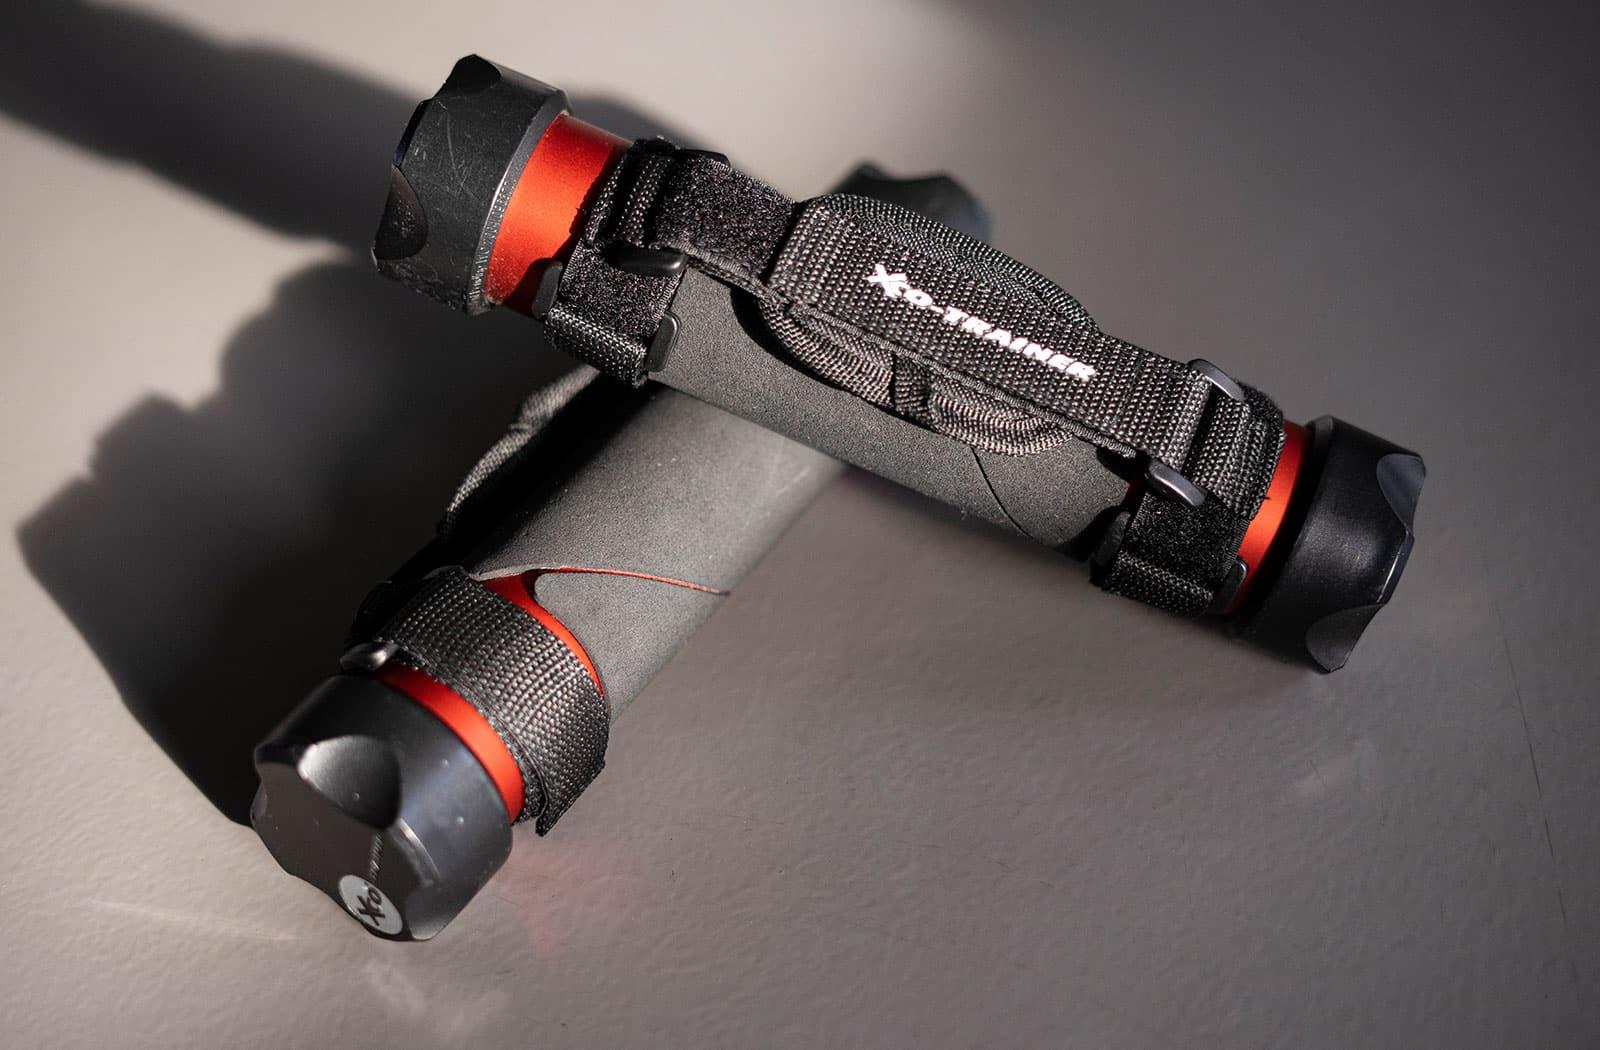 Die XCO Hanteln kommen in unserem Shape-Gruppenkurs in Raum 1 der balance Fitnesslounge zum Einsatz. Hierbei sorgen die mit Granulat befüllten Gewichte für ein effektives Ganzkörperworkout.